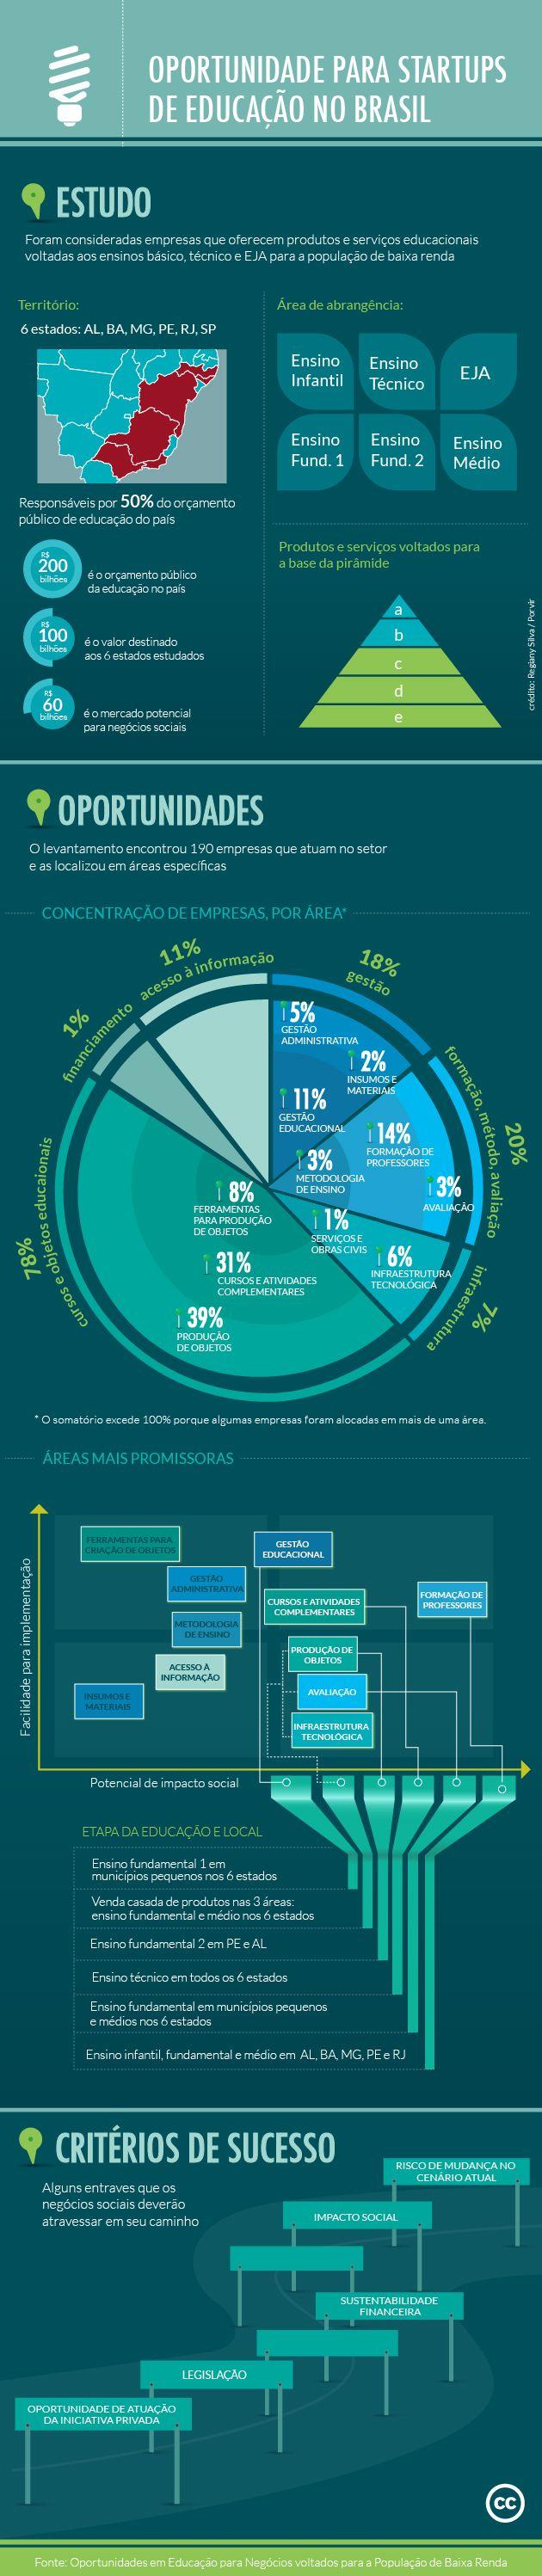 Infográfico Oportunidades para Negócios Sociais em Educação